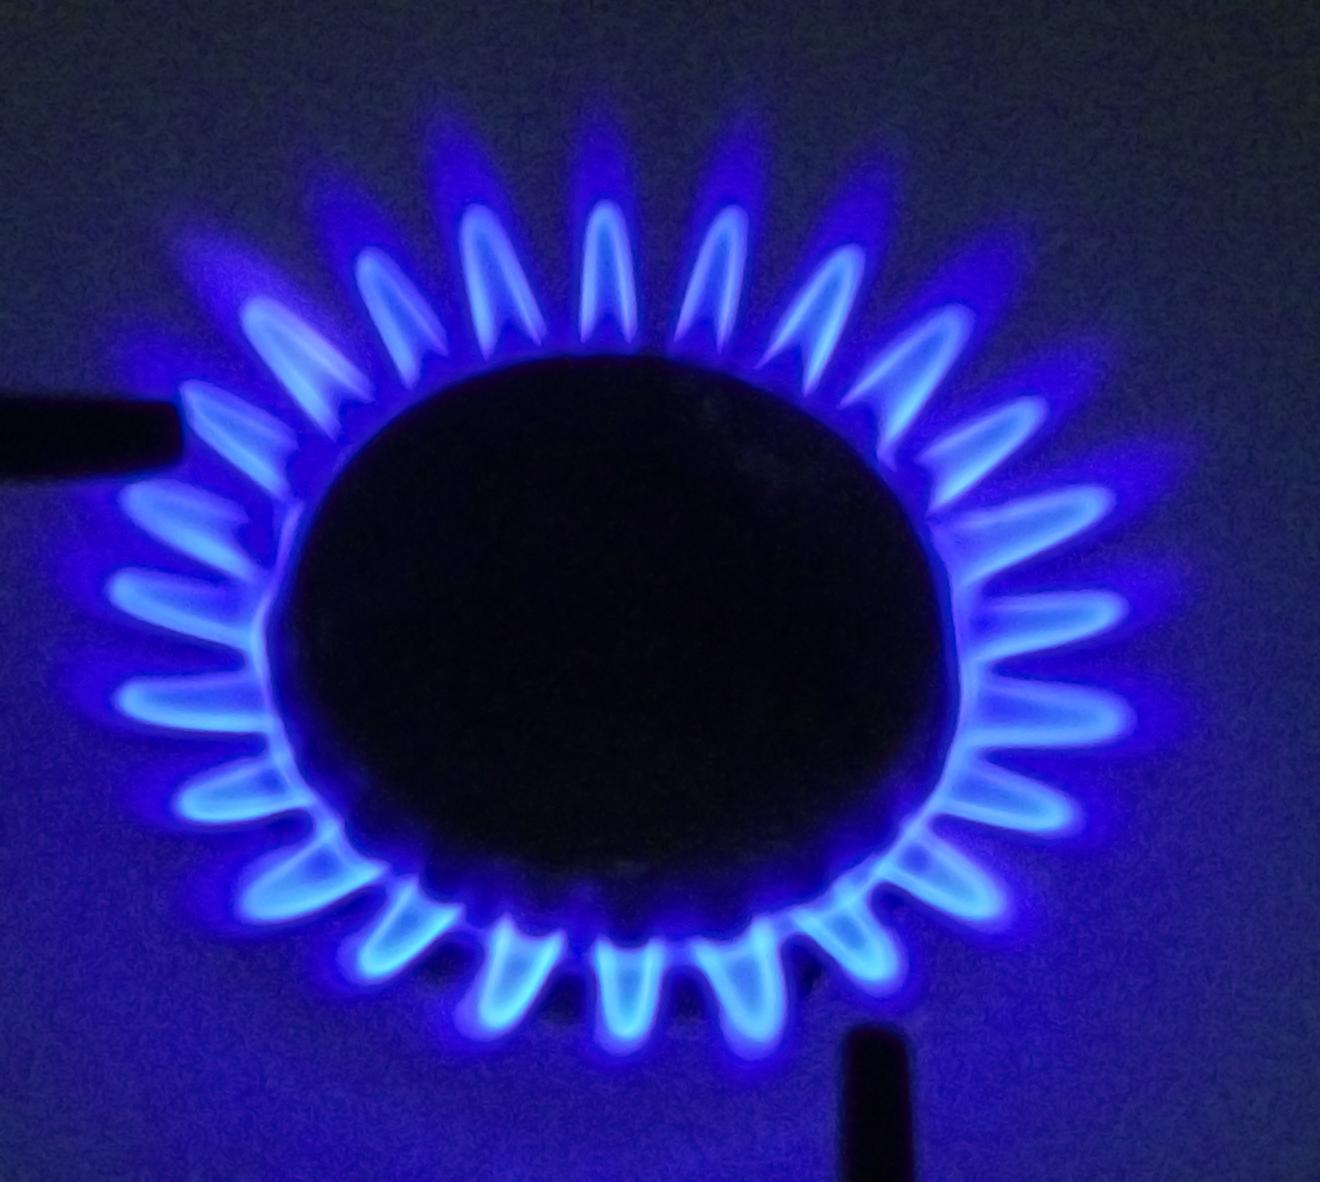 بیش از ۱۲۰۰ روستا و ۳۸ شهر در مازندران از نعمت گاز طبیعی برخوردار هستند